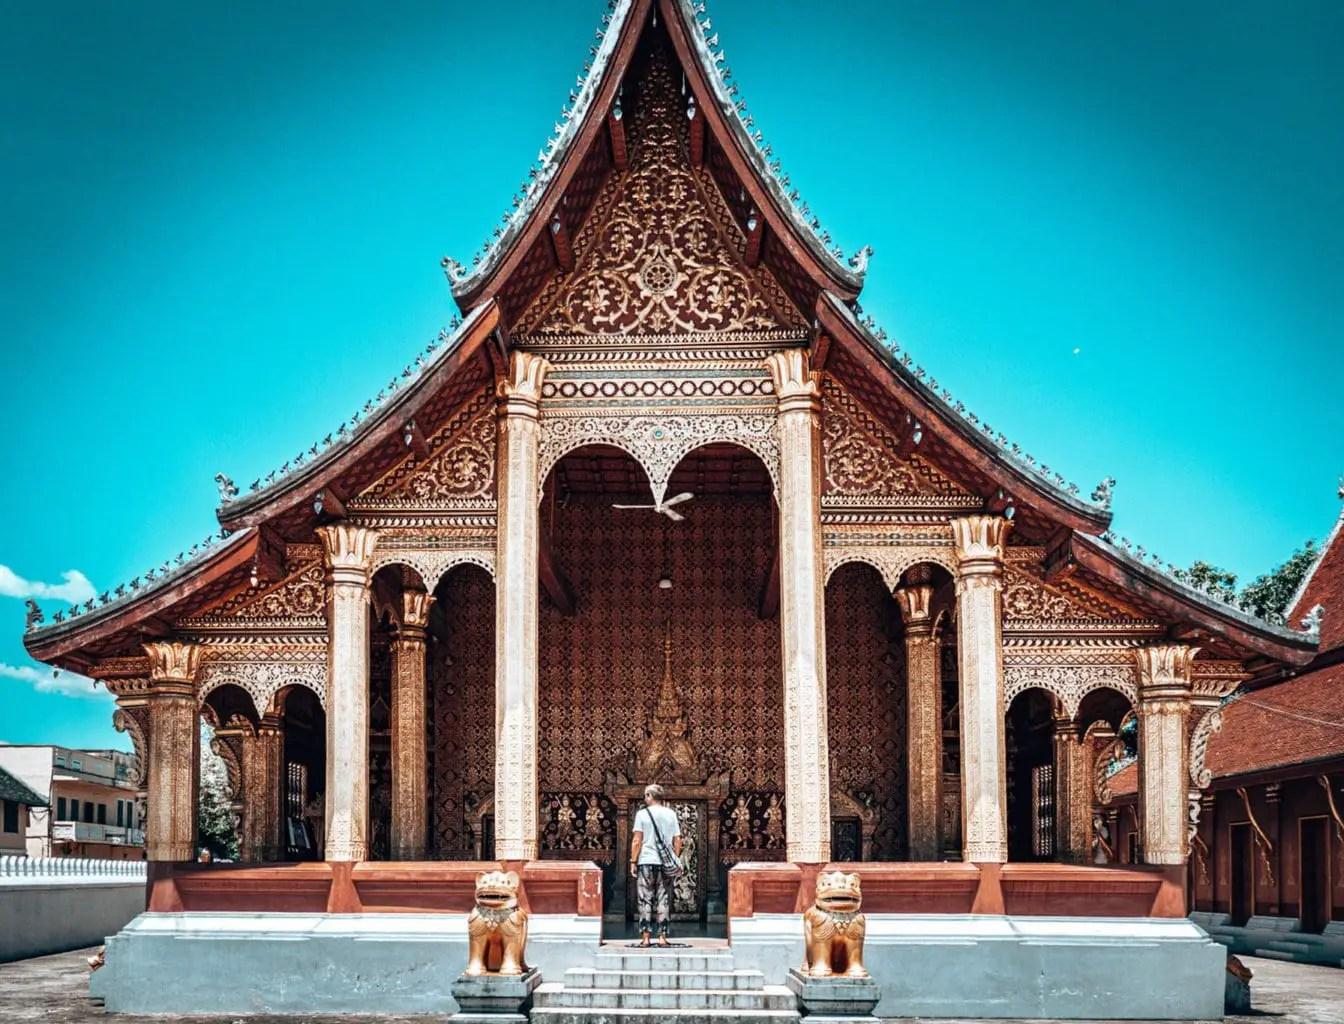 Sensoukaram Temple, Luang Prabang